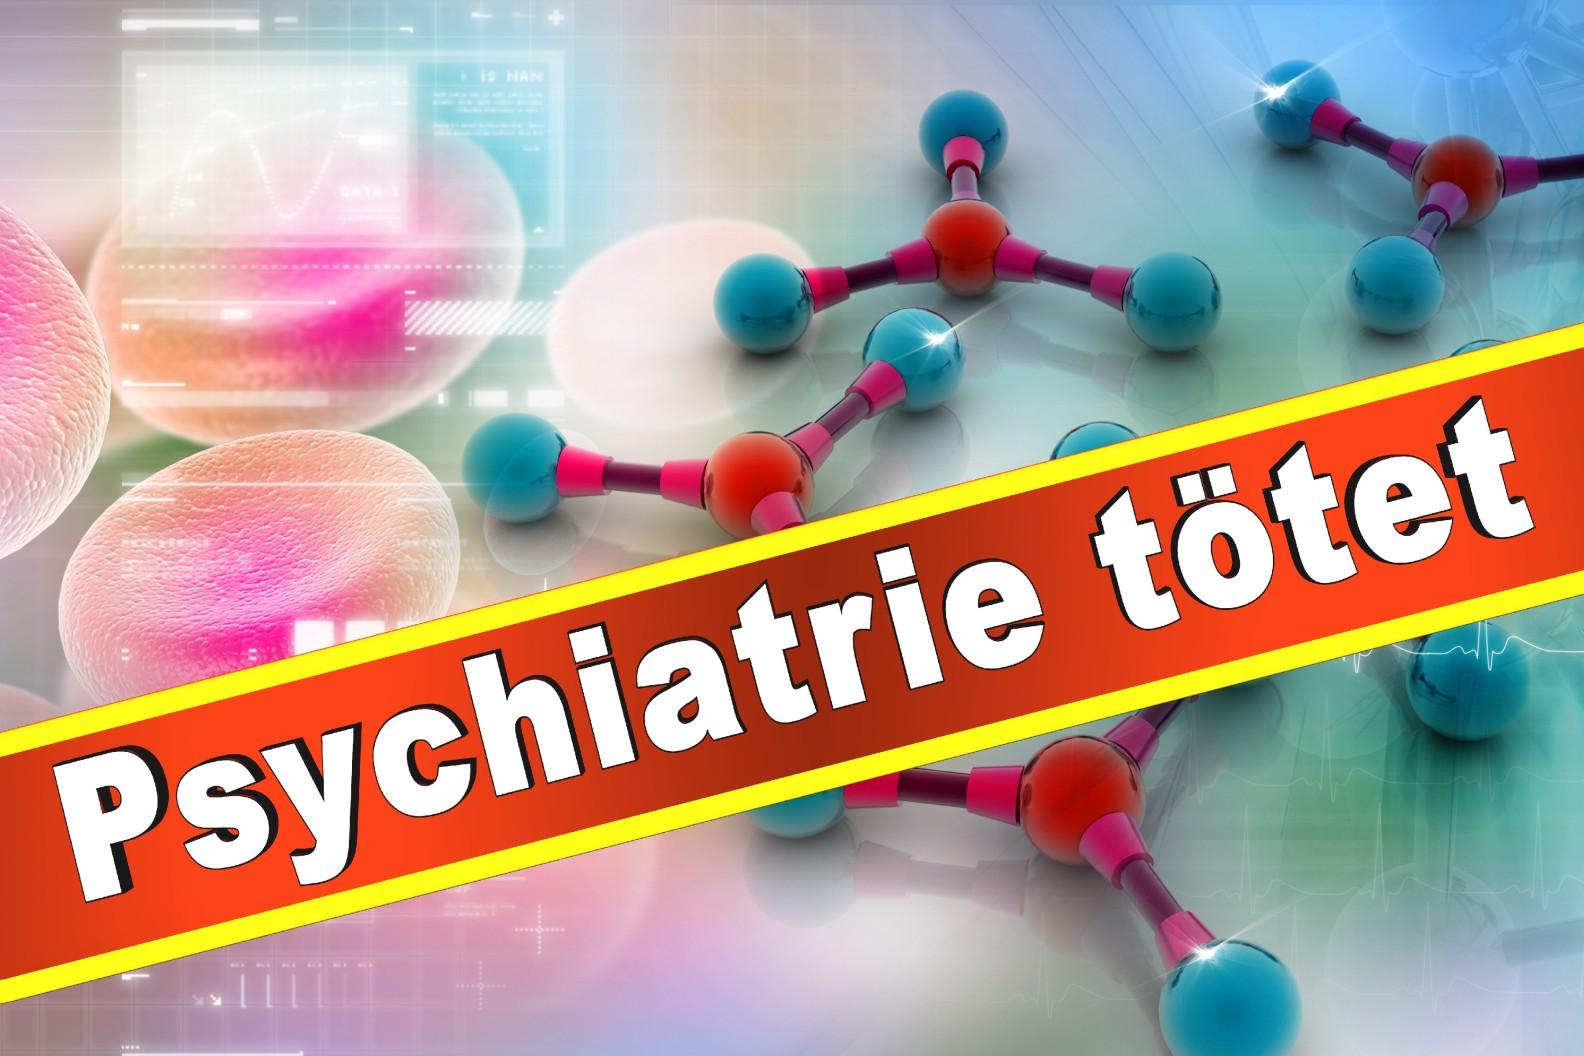 Vitos Kinder Und Jugendpsychiatrische Tagesklink Wetzlar Sophienstraße Wetzlar